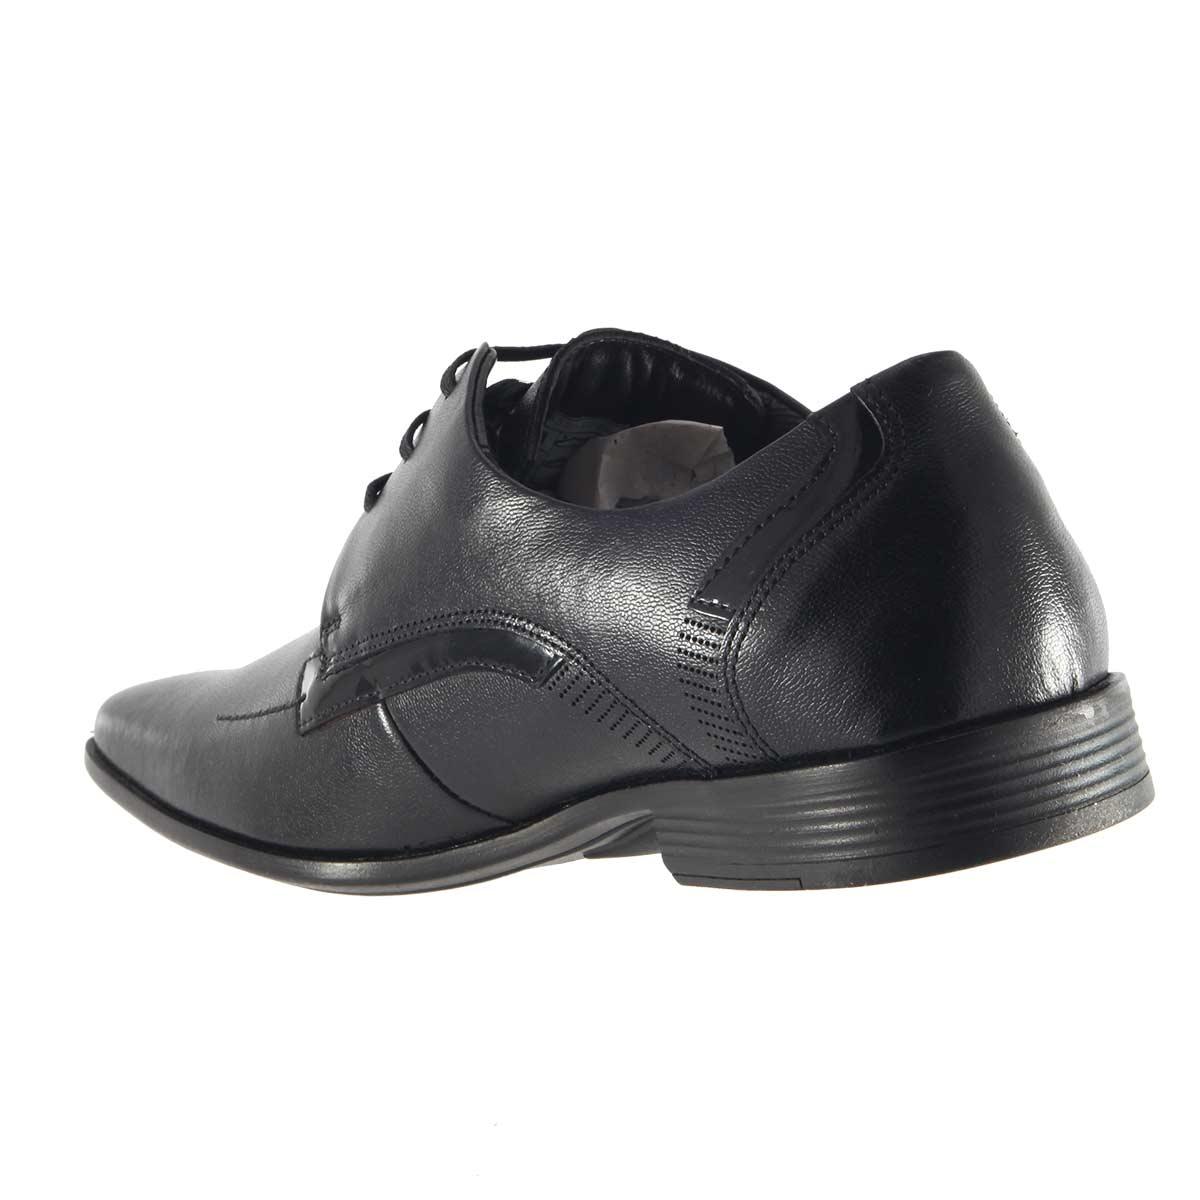 Sapato Ferracini Flex Cadarço Couro 3430-203G